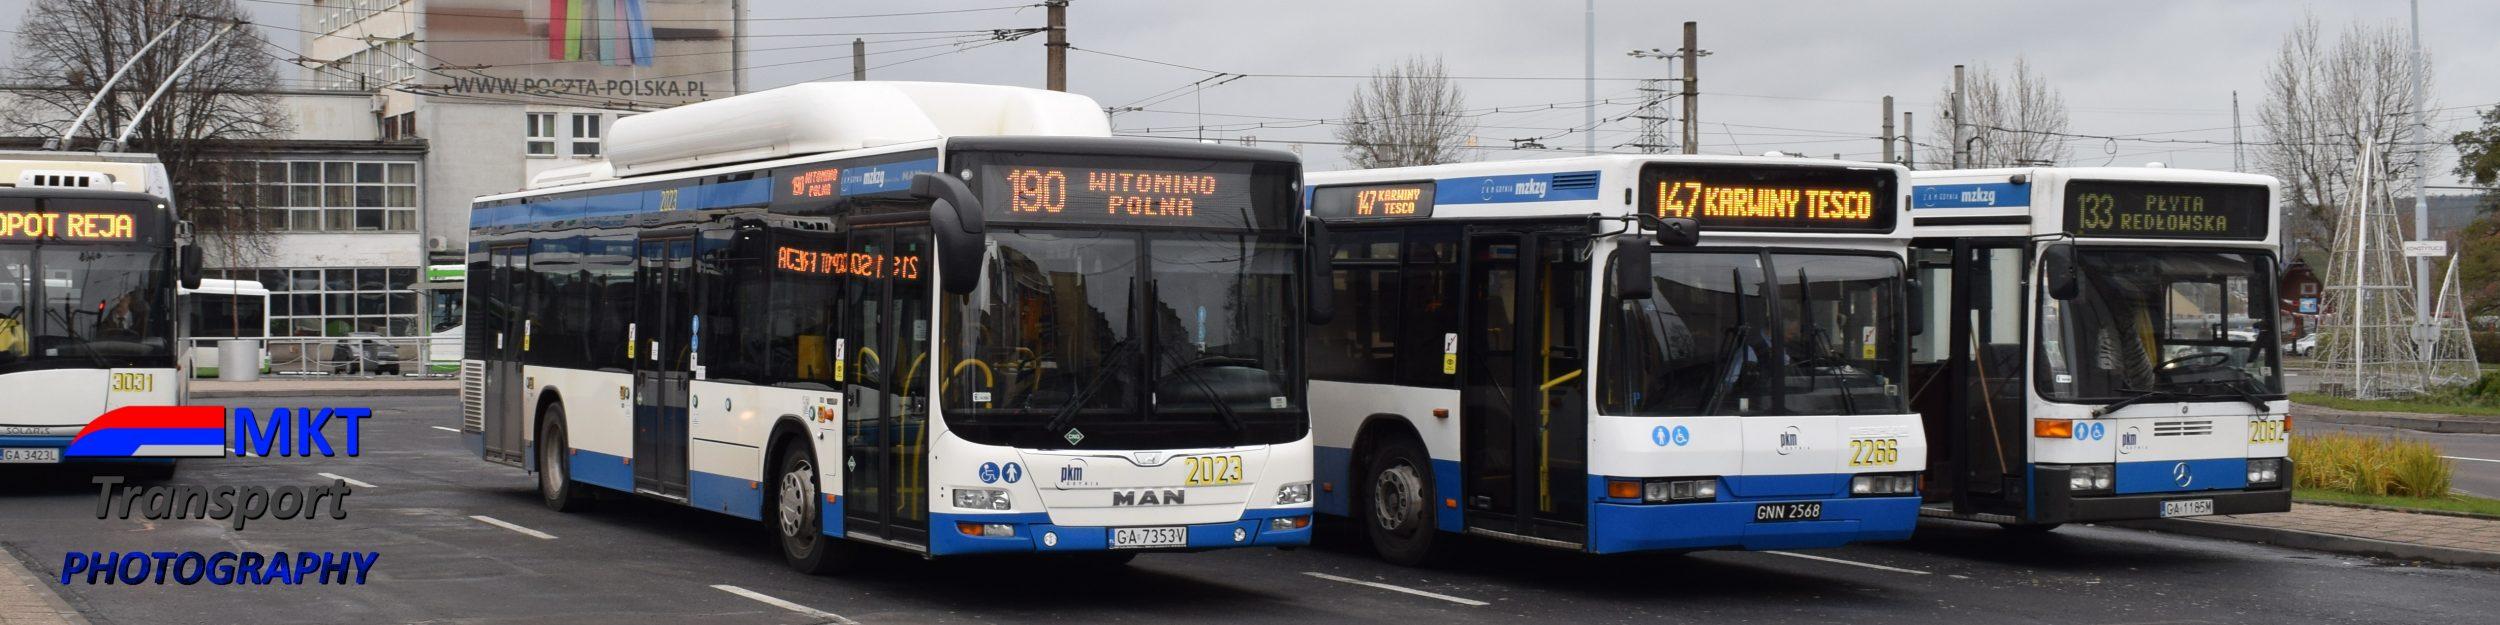 MKT Transport Media